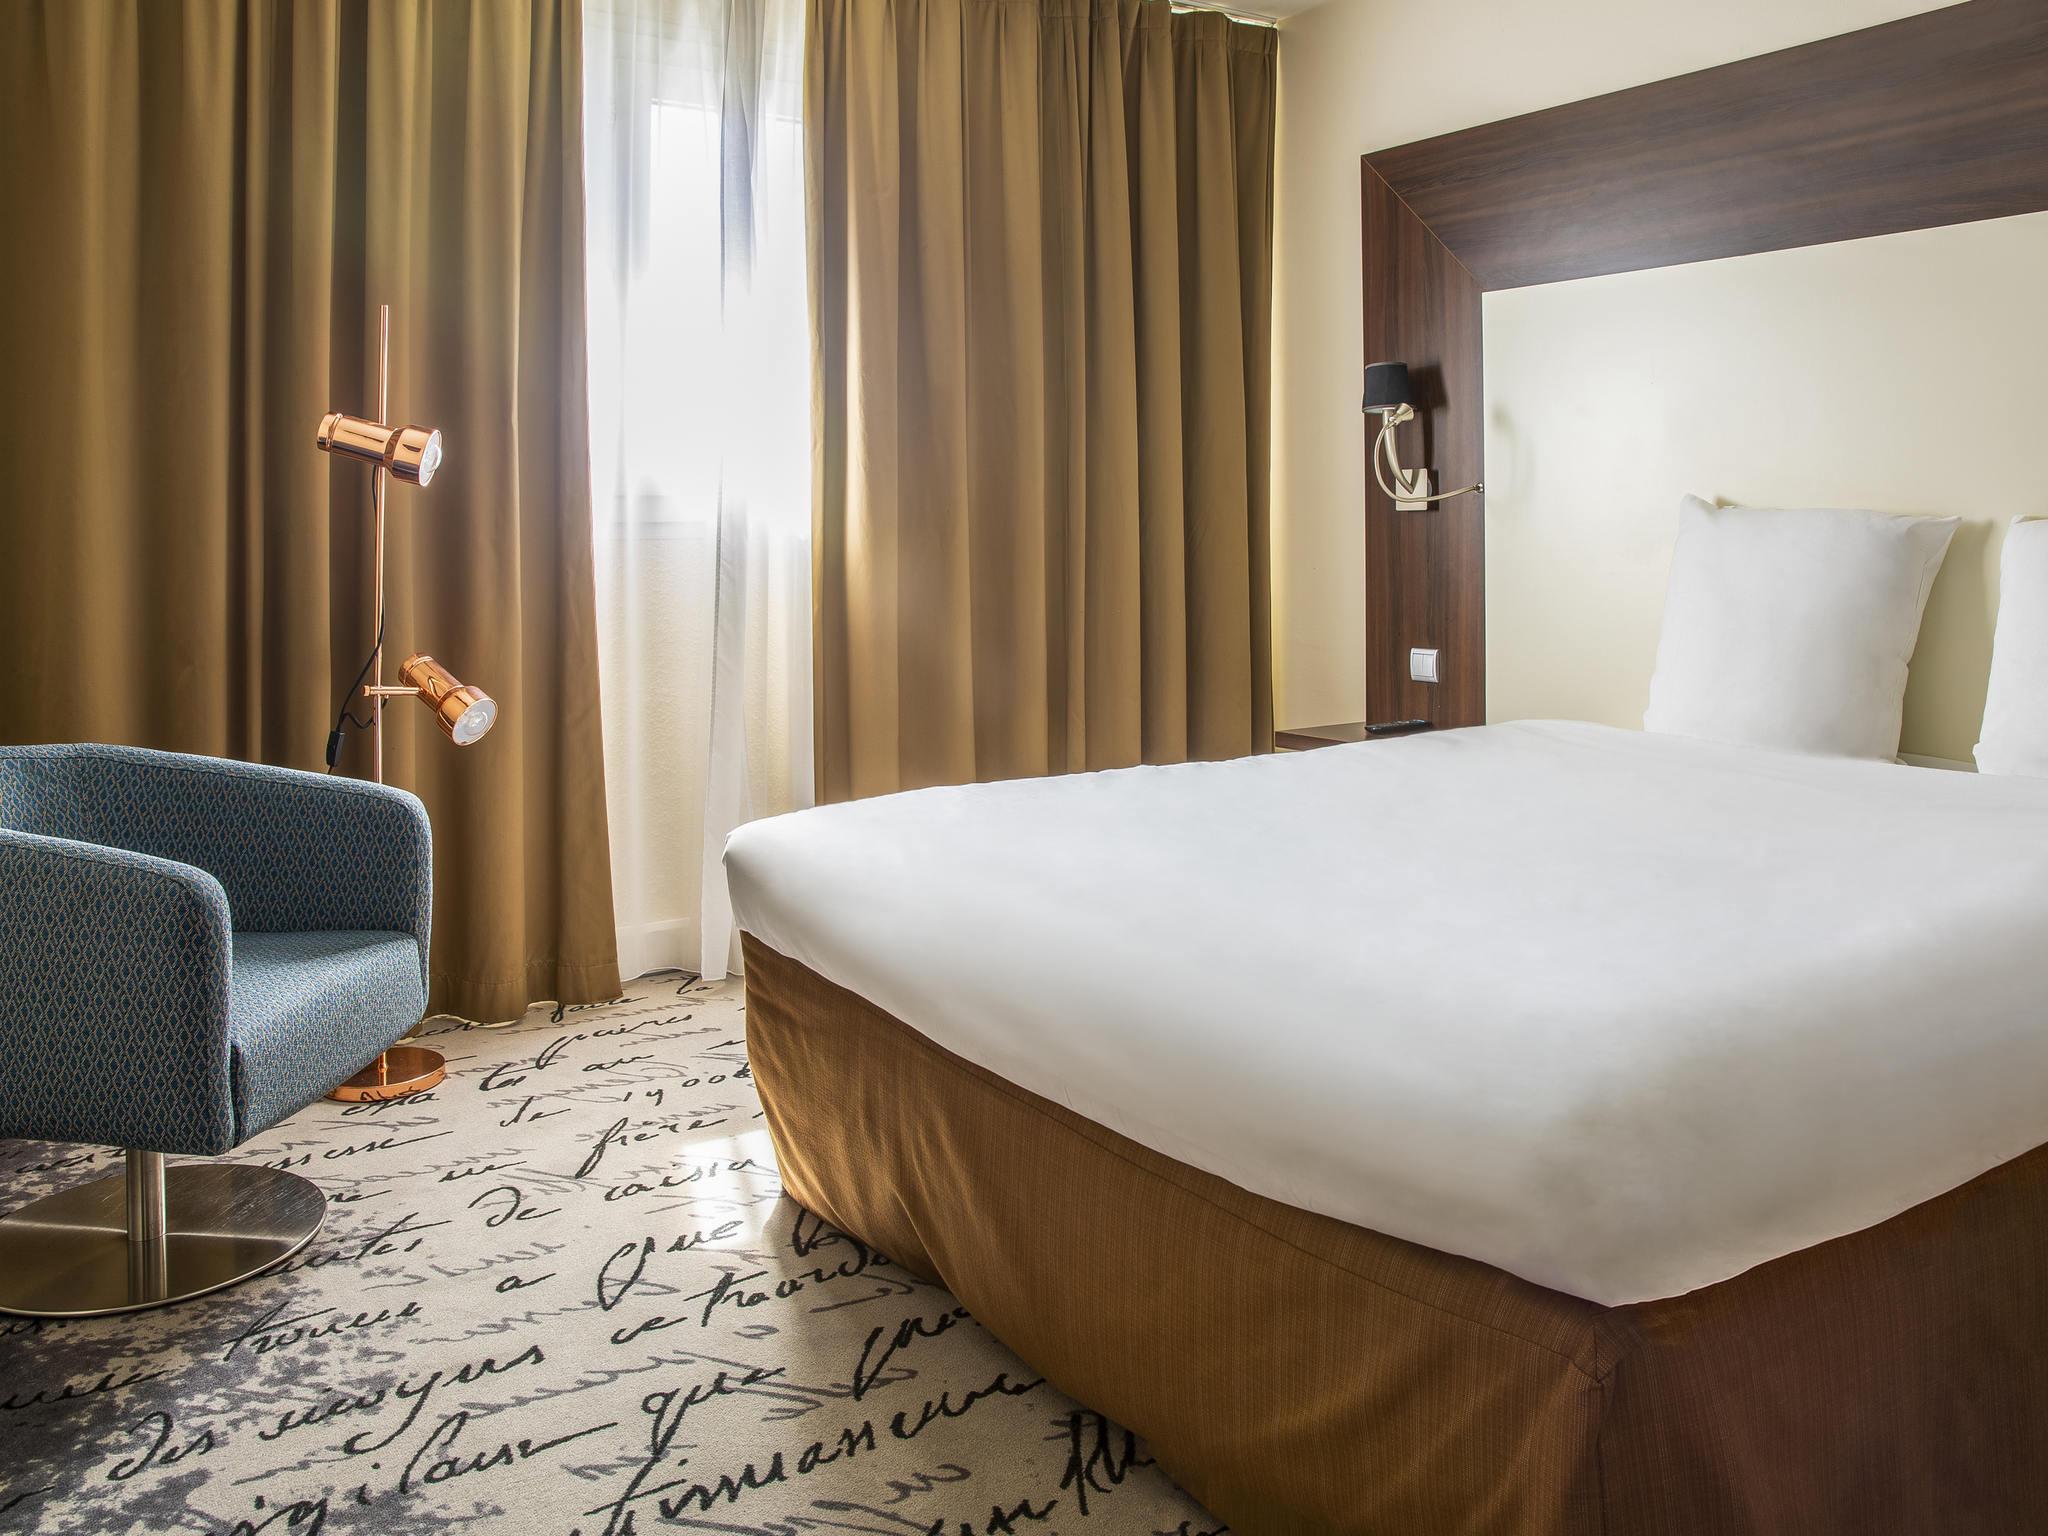 酒店 – 巴黎奥尔良门美居酒店